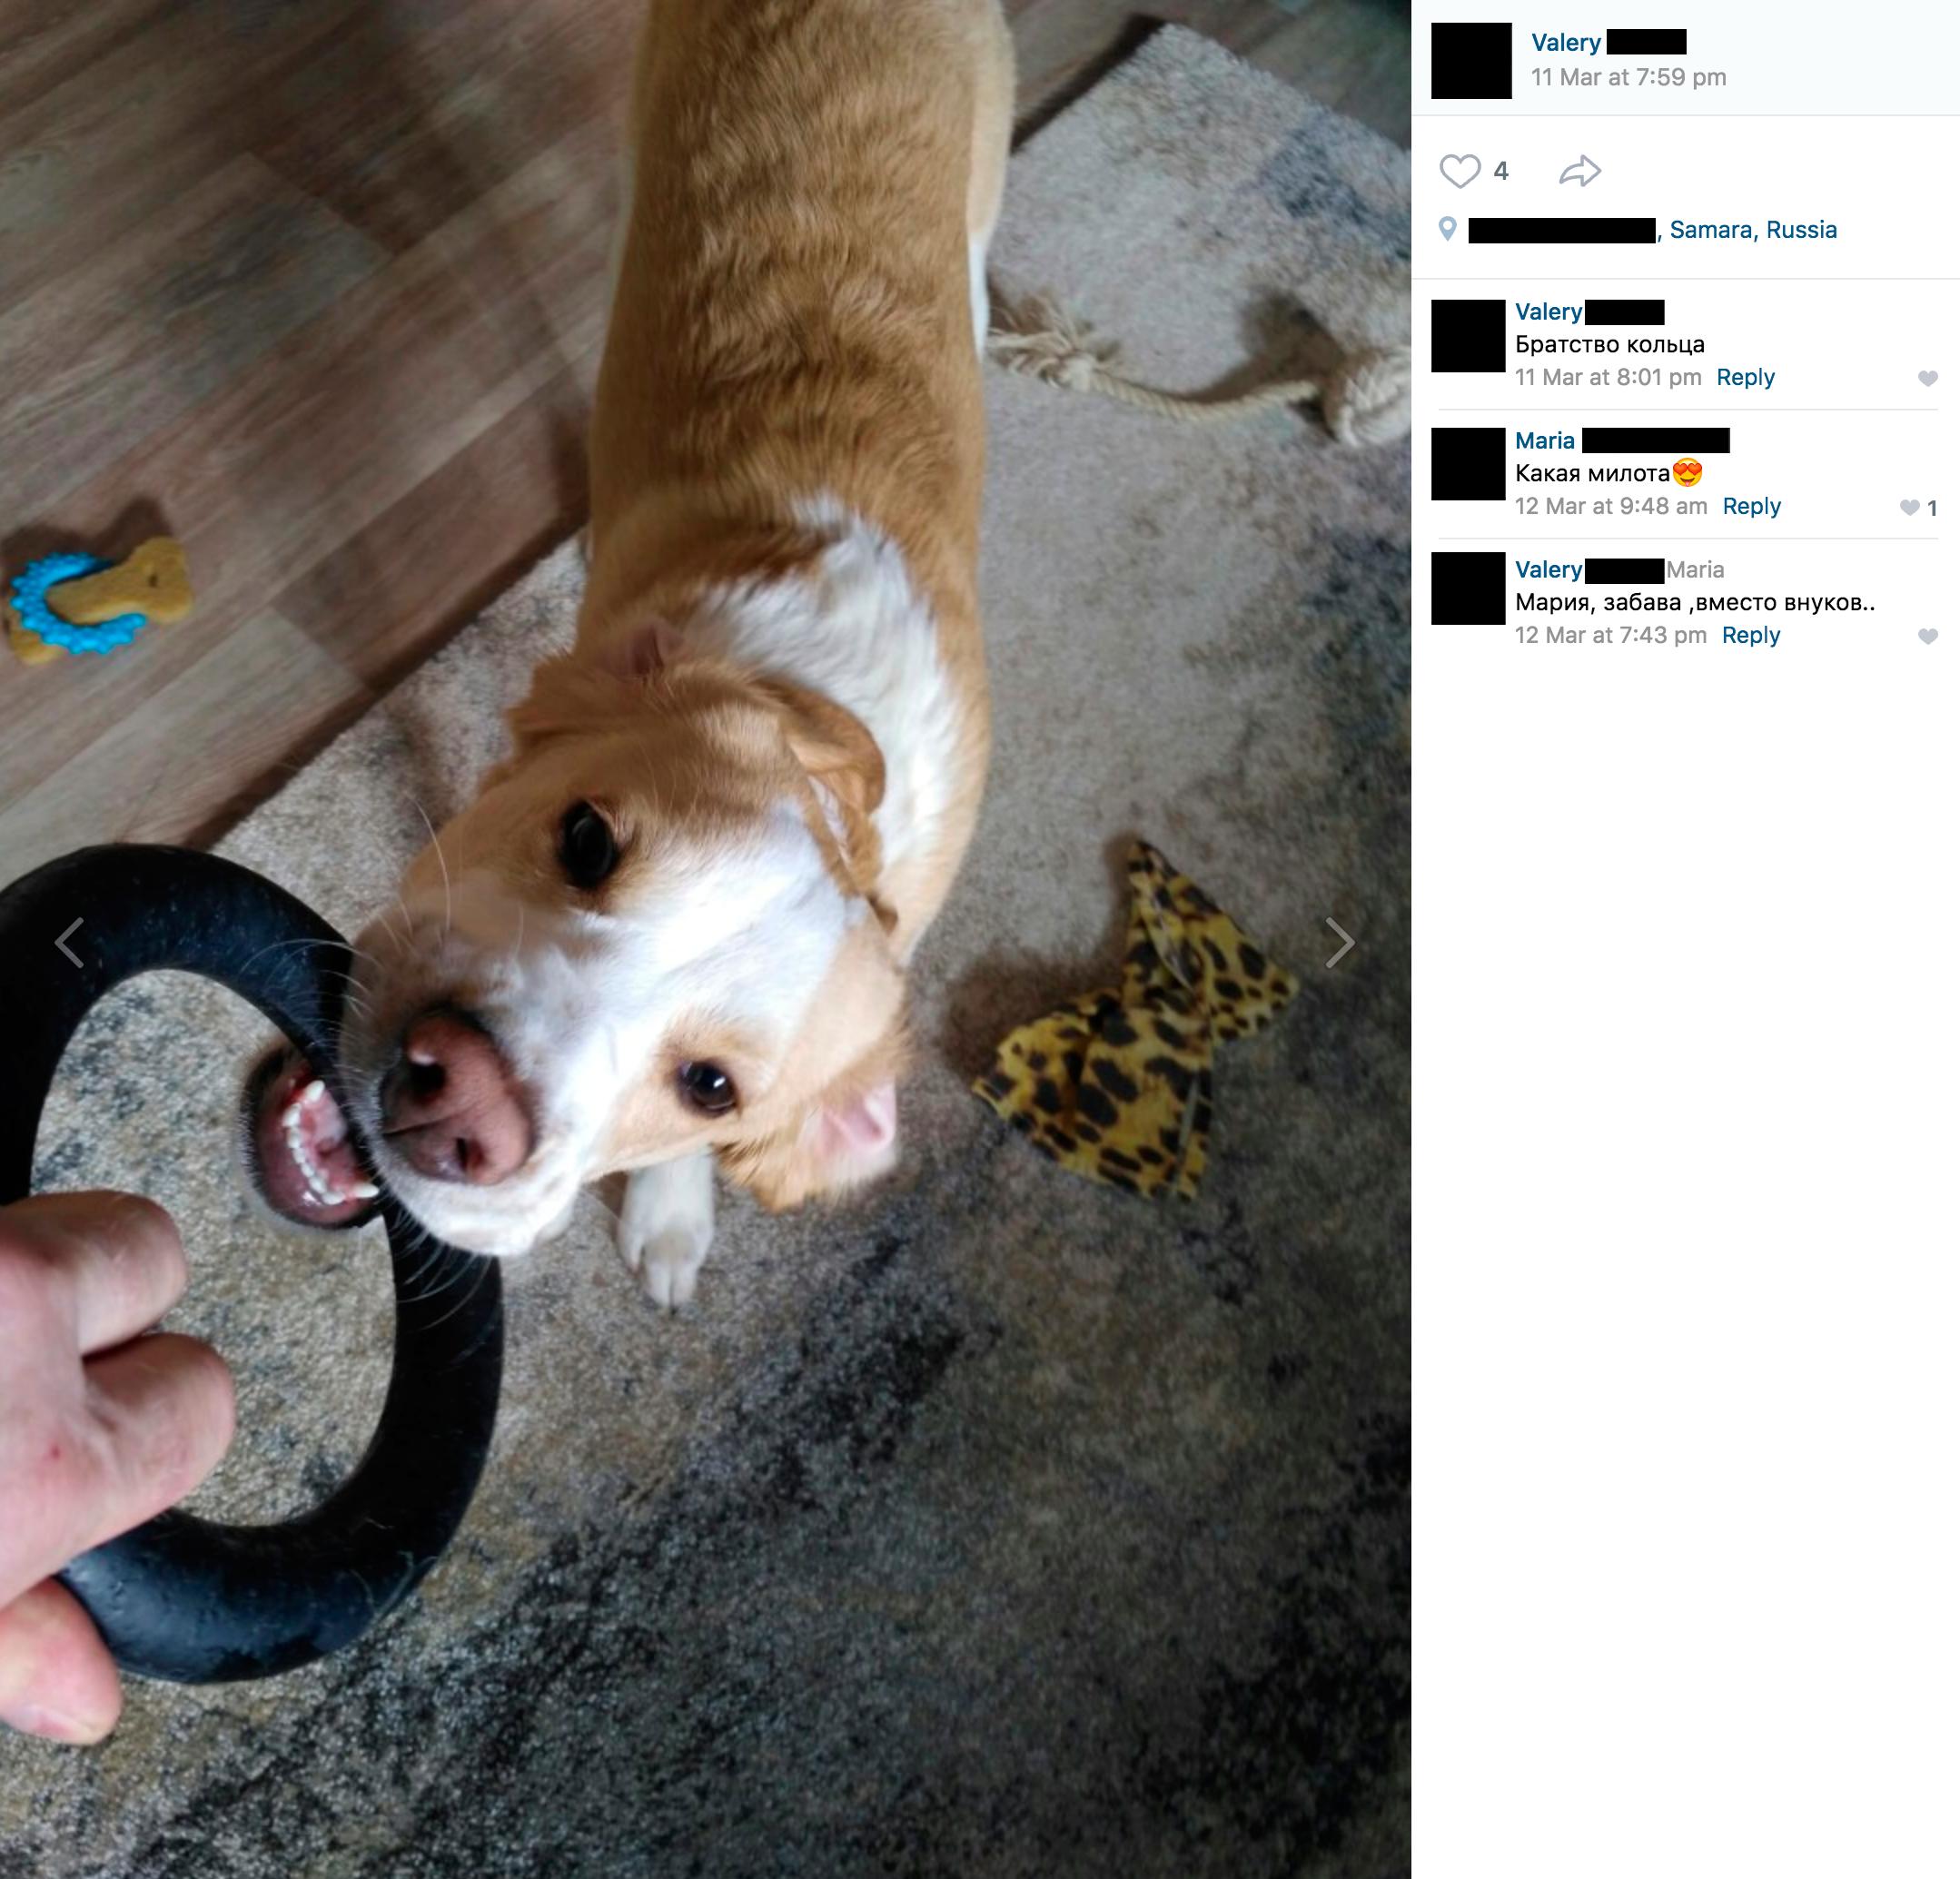 Преступники будут знать, что проникнуть в квартиру безопаснее, когда хозяин выводит собаку на прогулку